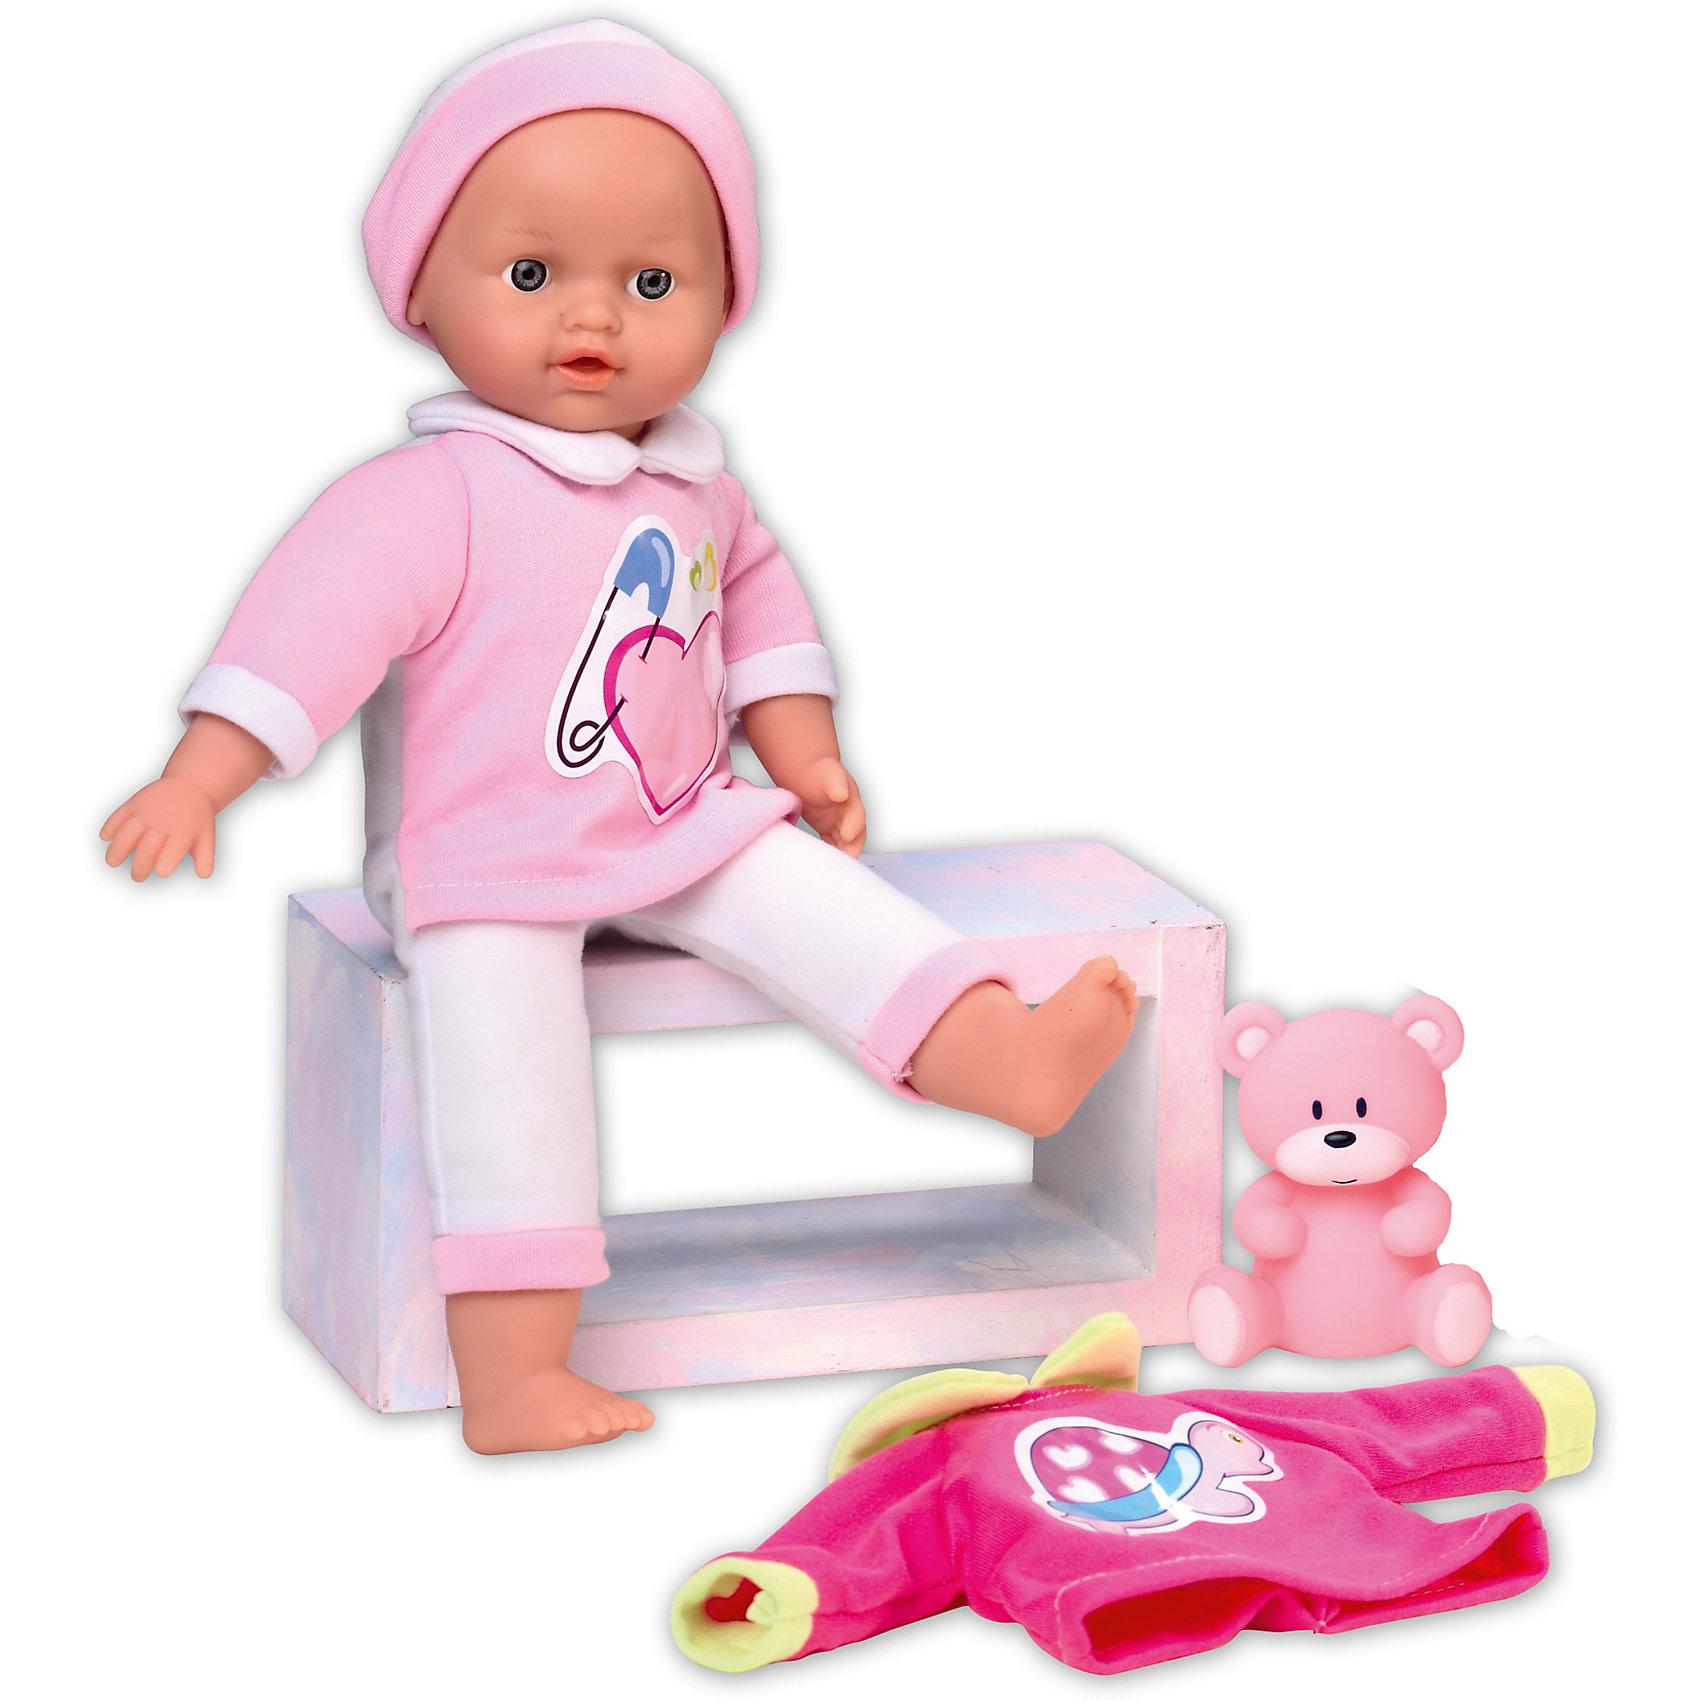 Кукла Tiny Baby подарочная, Loko ToysКуклы-пупсы<br><br><br>Ширина мм: 270<br>Глубина мм: 105<br>Высота мм: 340<br>Вес г: 550<br>Возраст от месяцев: 10<br>Возраст до месяцев: 2147483647<br>Пол: Женский<br>Возраст: Детский<br>SKU: 6759065